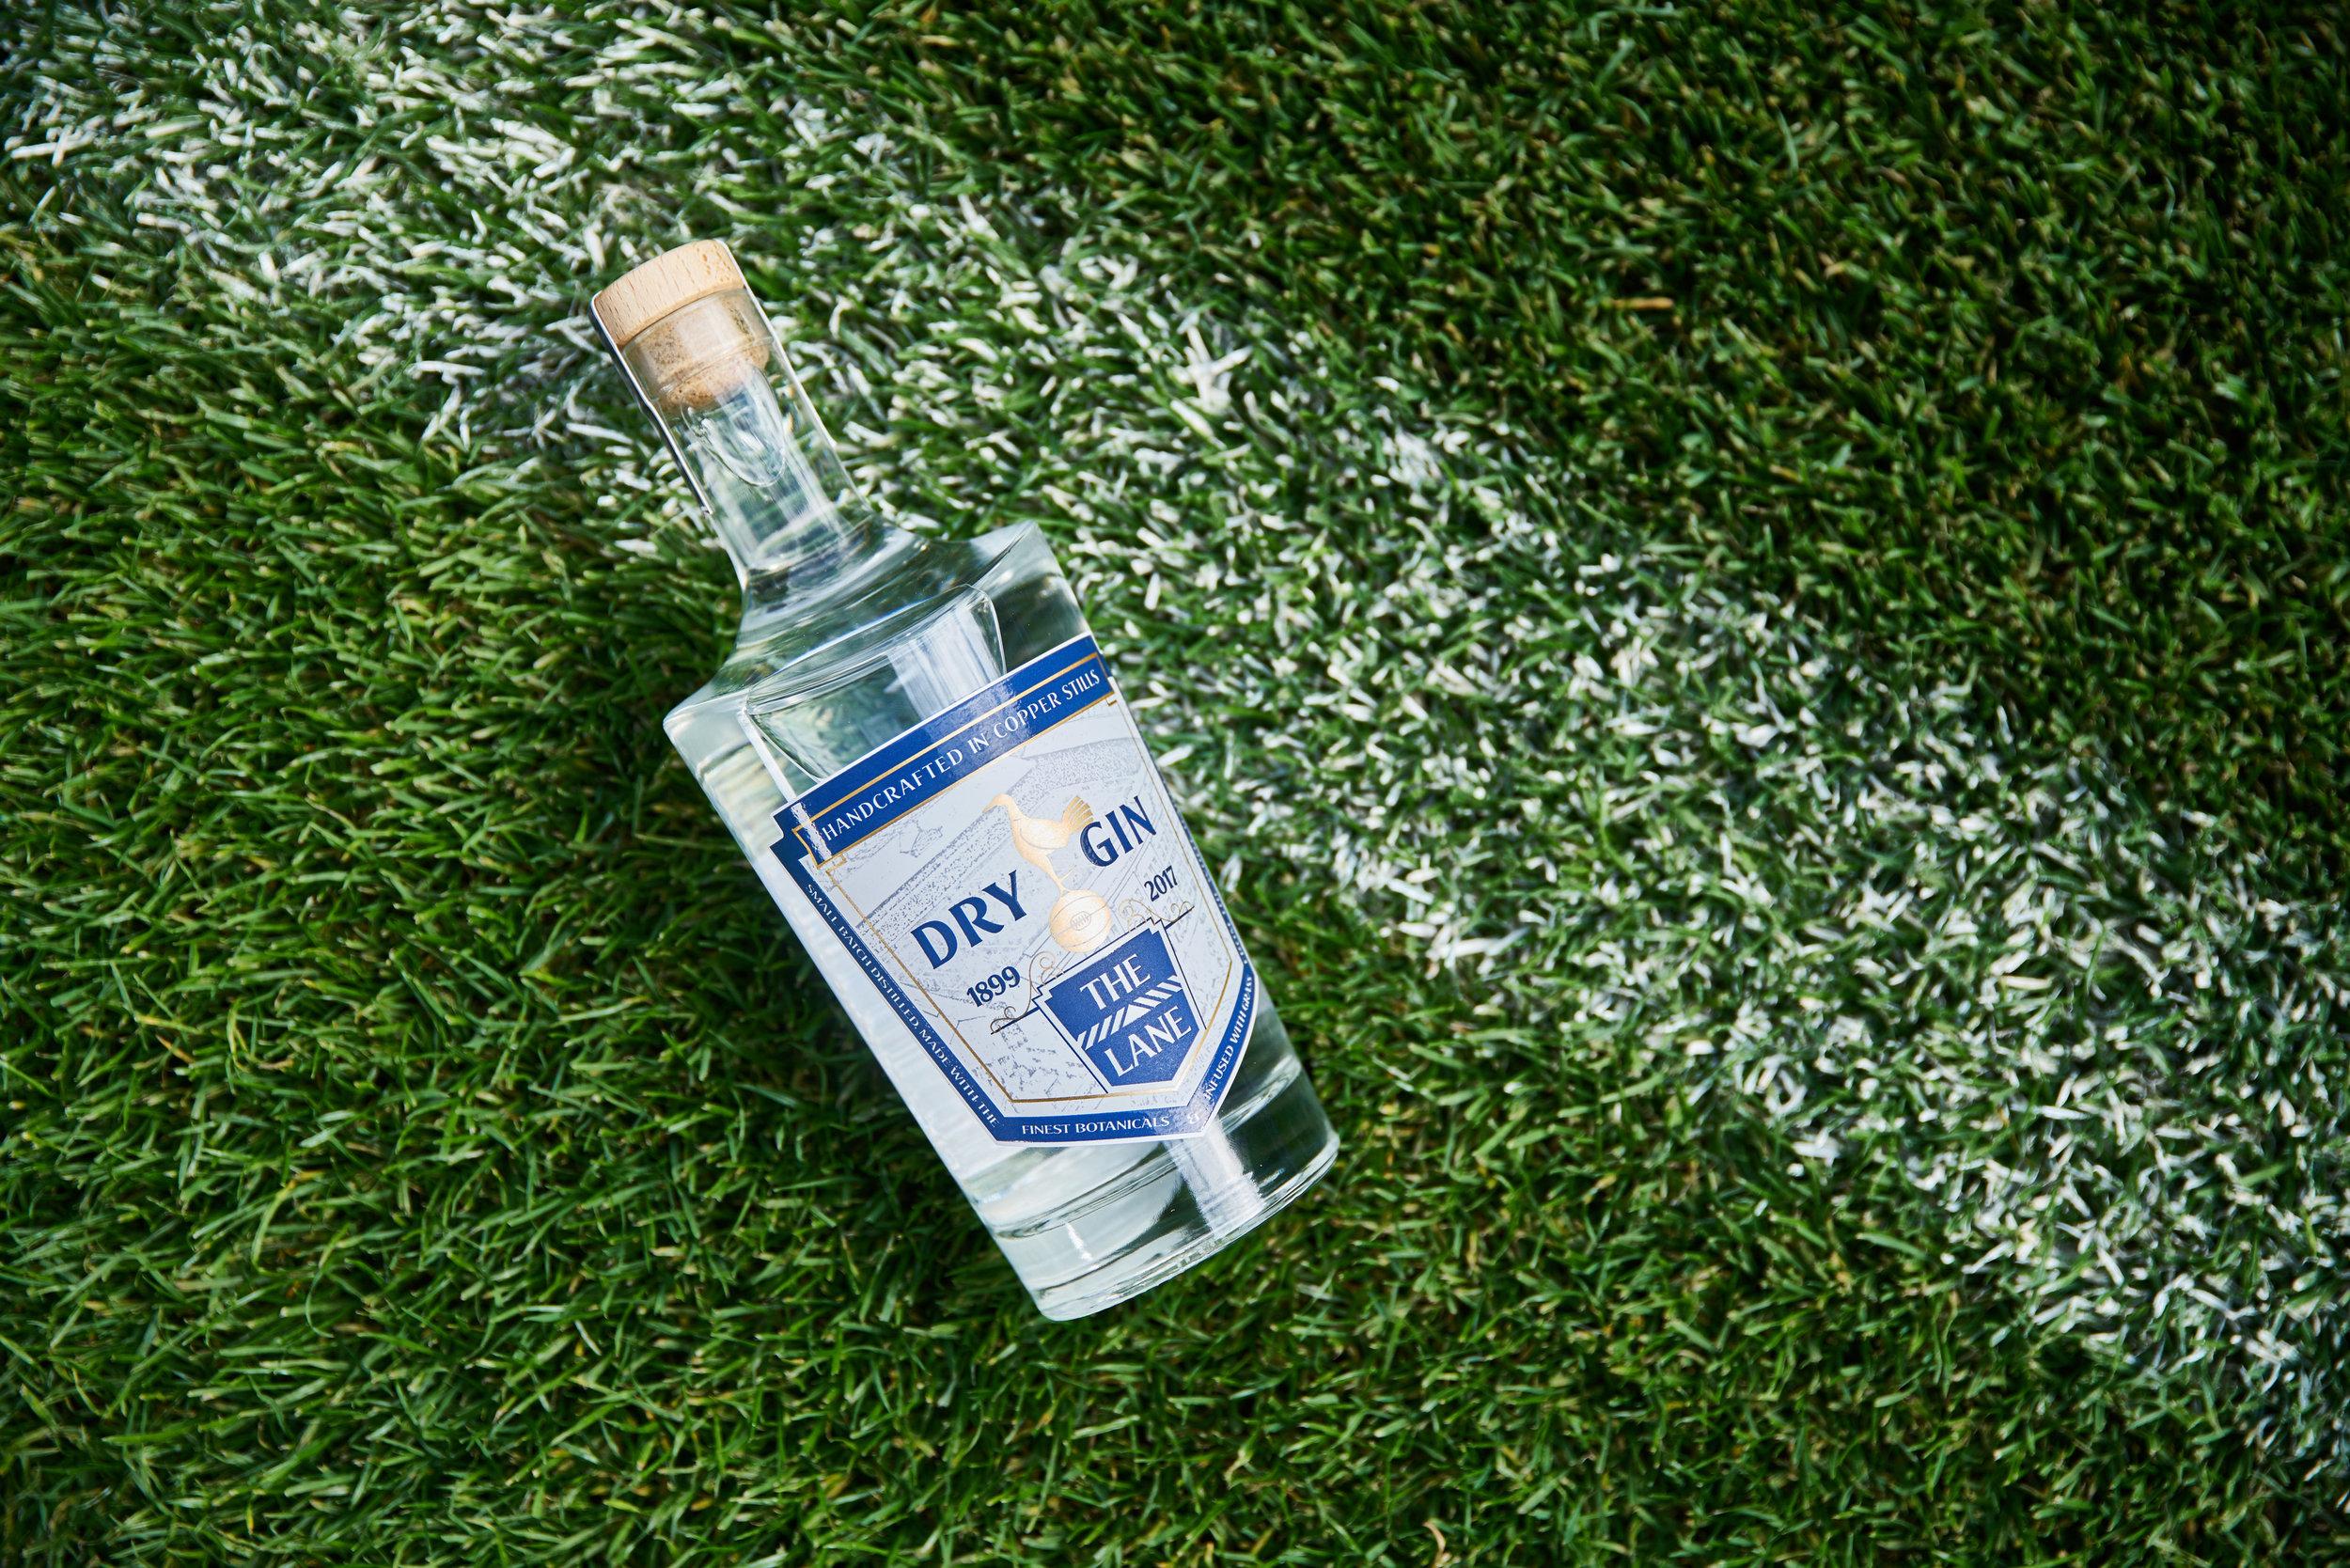 bohemian-brands-spurs-gin-118.jpg